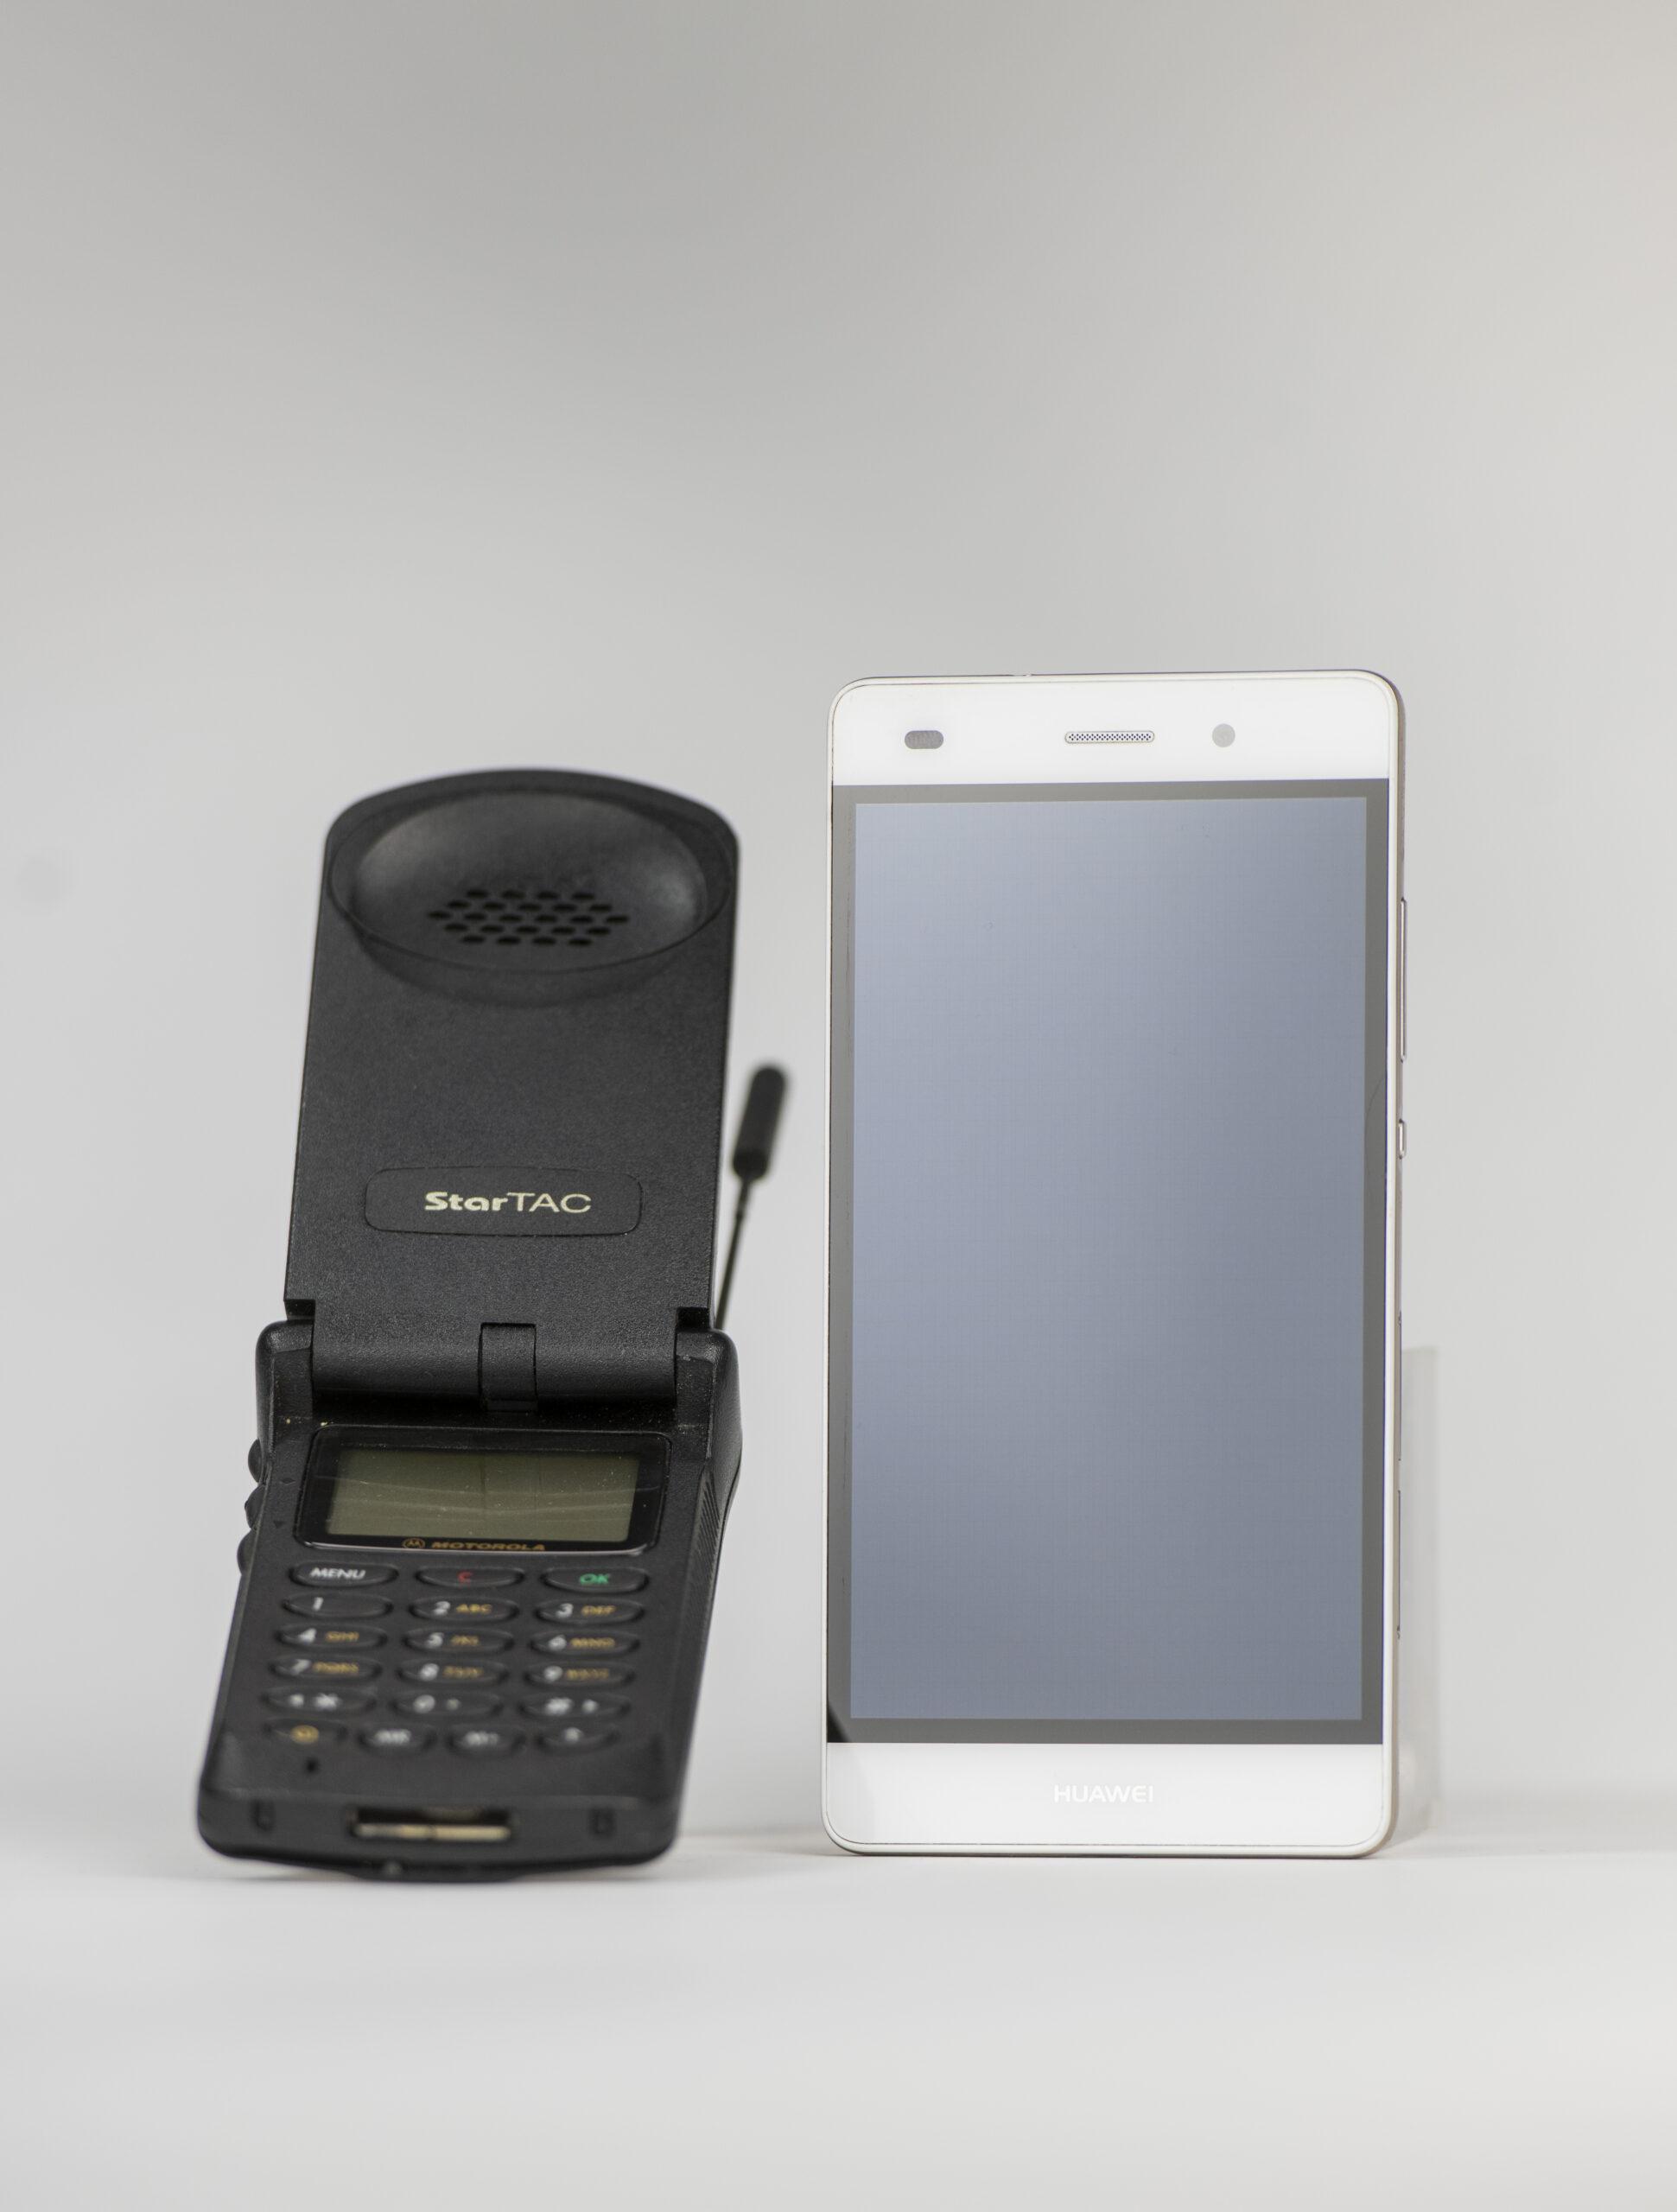 Das Klapphandy Motorola StarTAG (1996) und das Smartphone Huawei P8lite (2019)